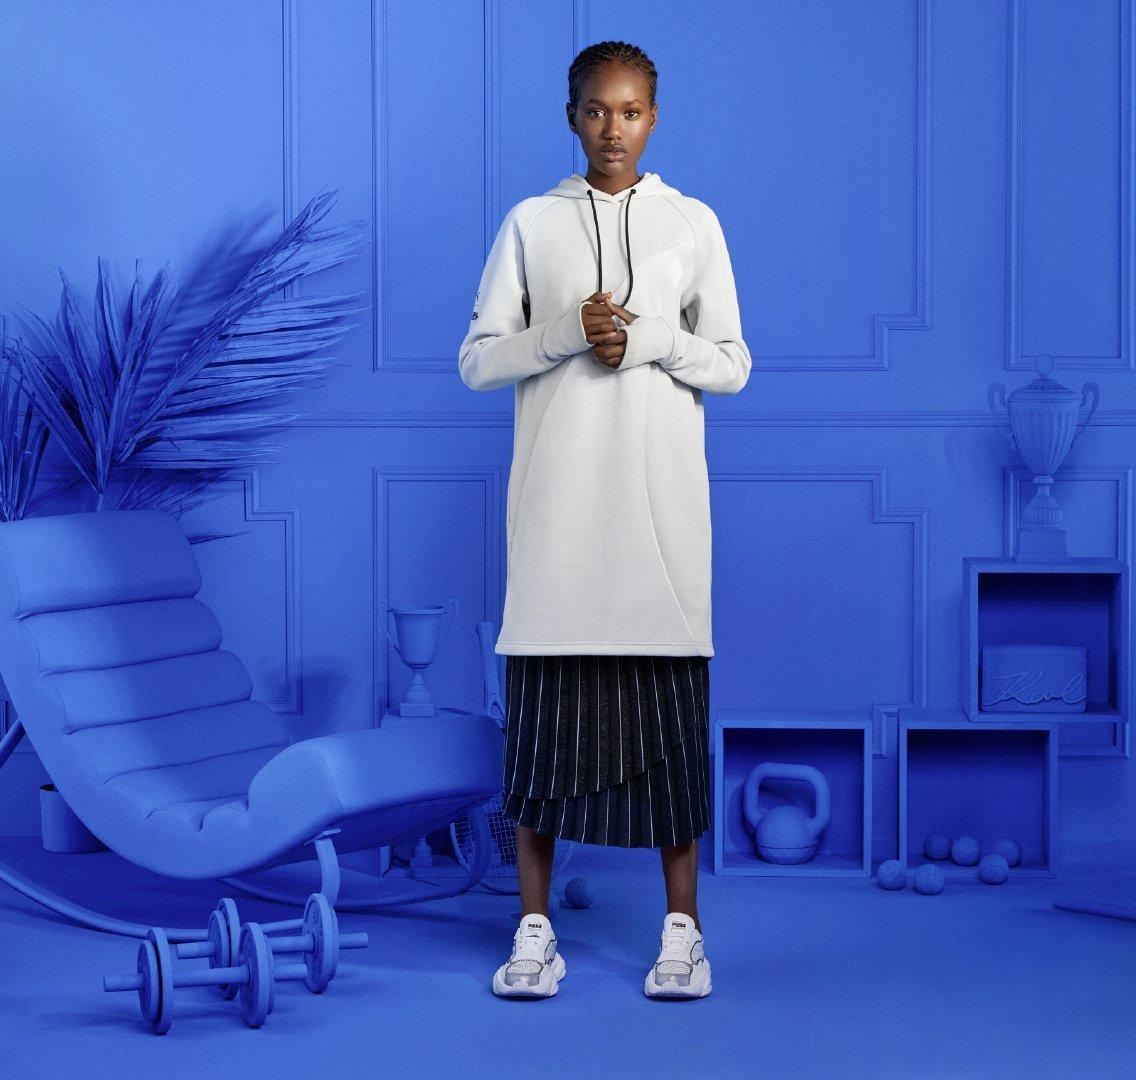 PUMA x KARL LAGERFELD 最新联名鞋服系列发布 。 -  PUMA